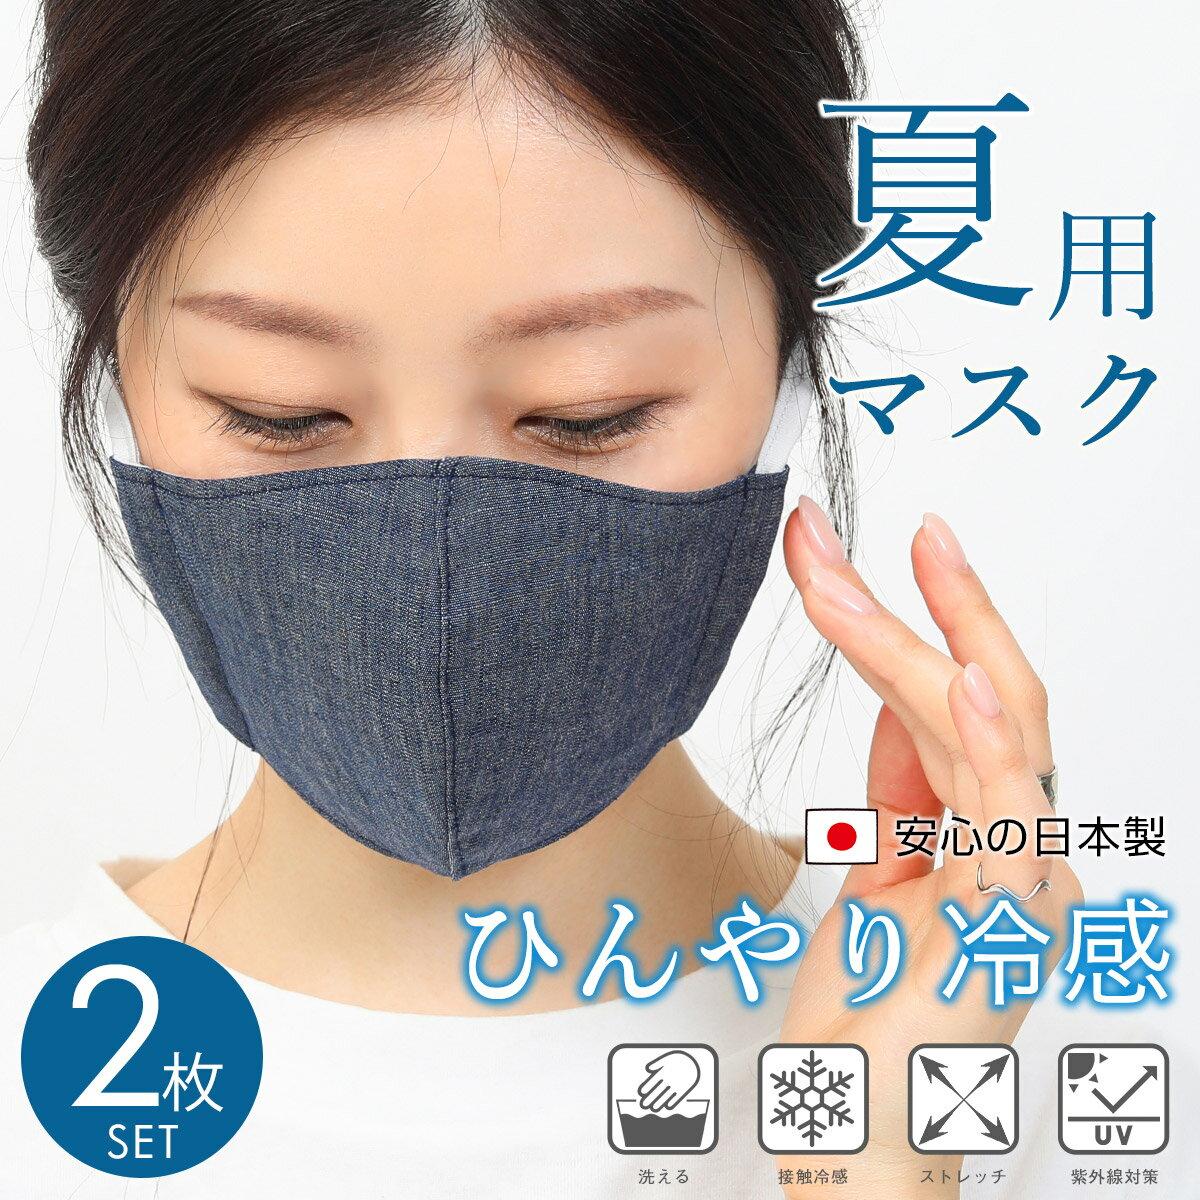 生地 マスク 冷 感 接触